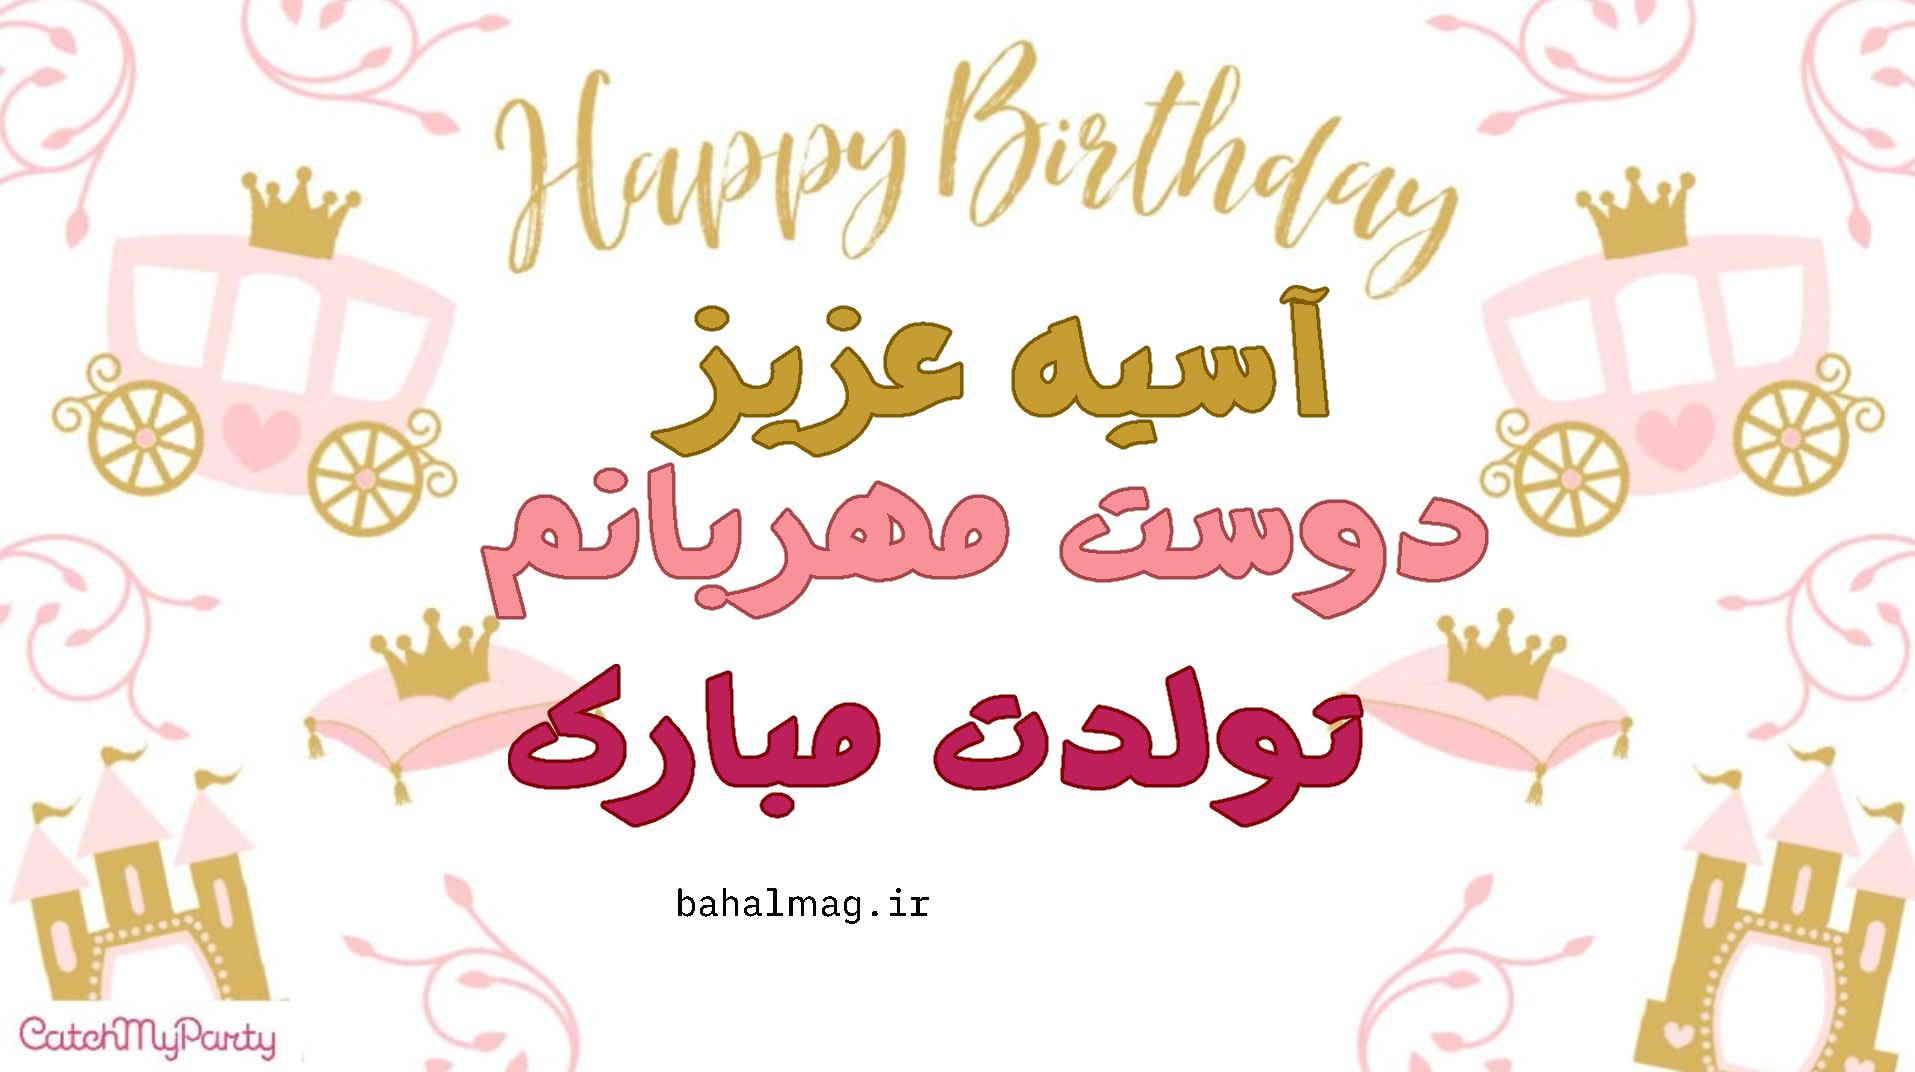 آسیه دوست عزیزم و مهربانم تولدت مبارک